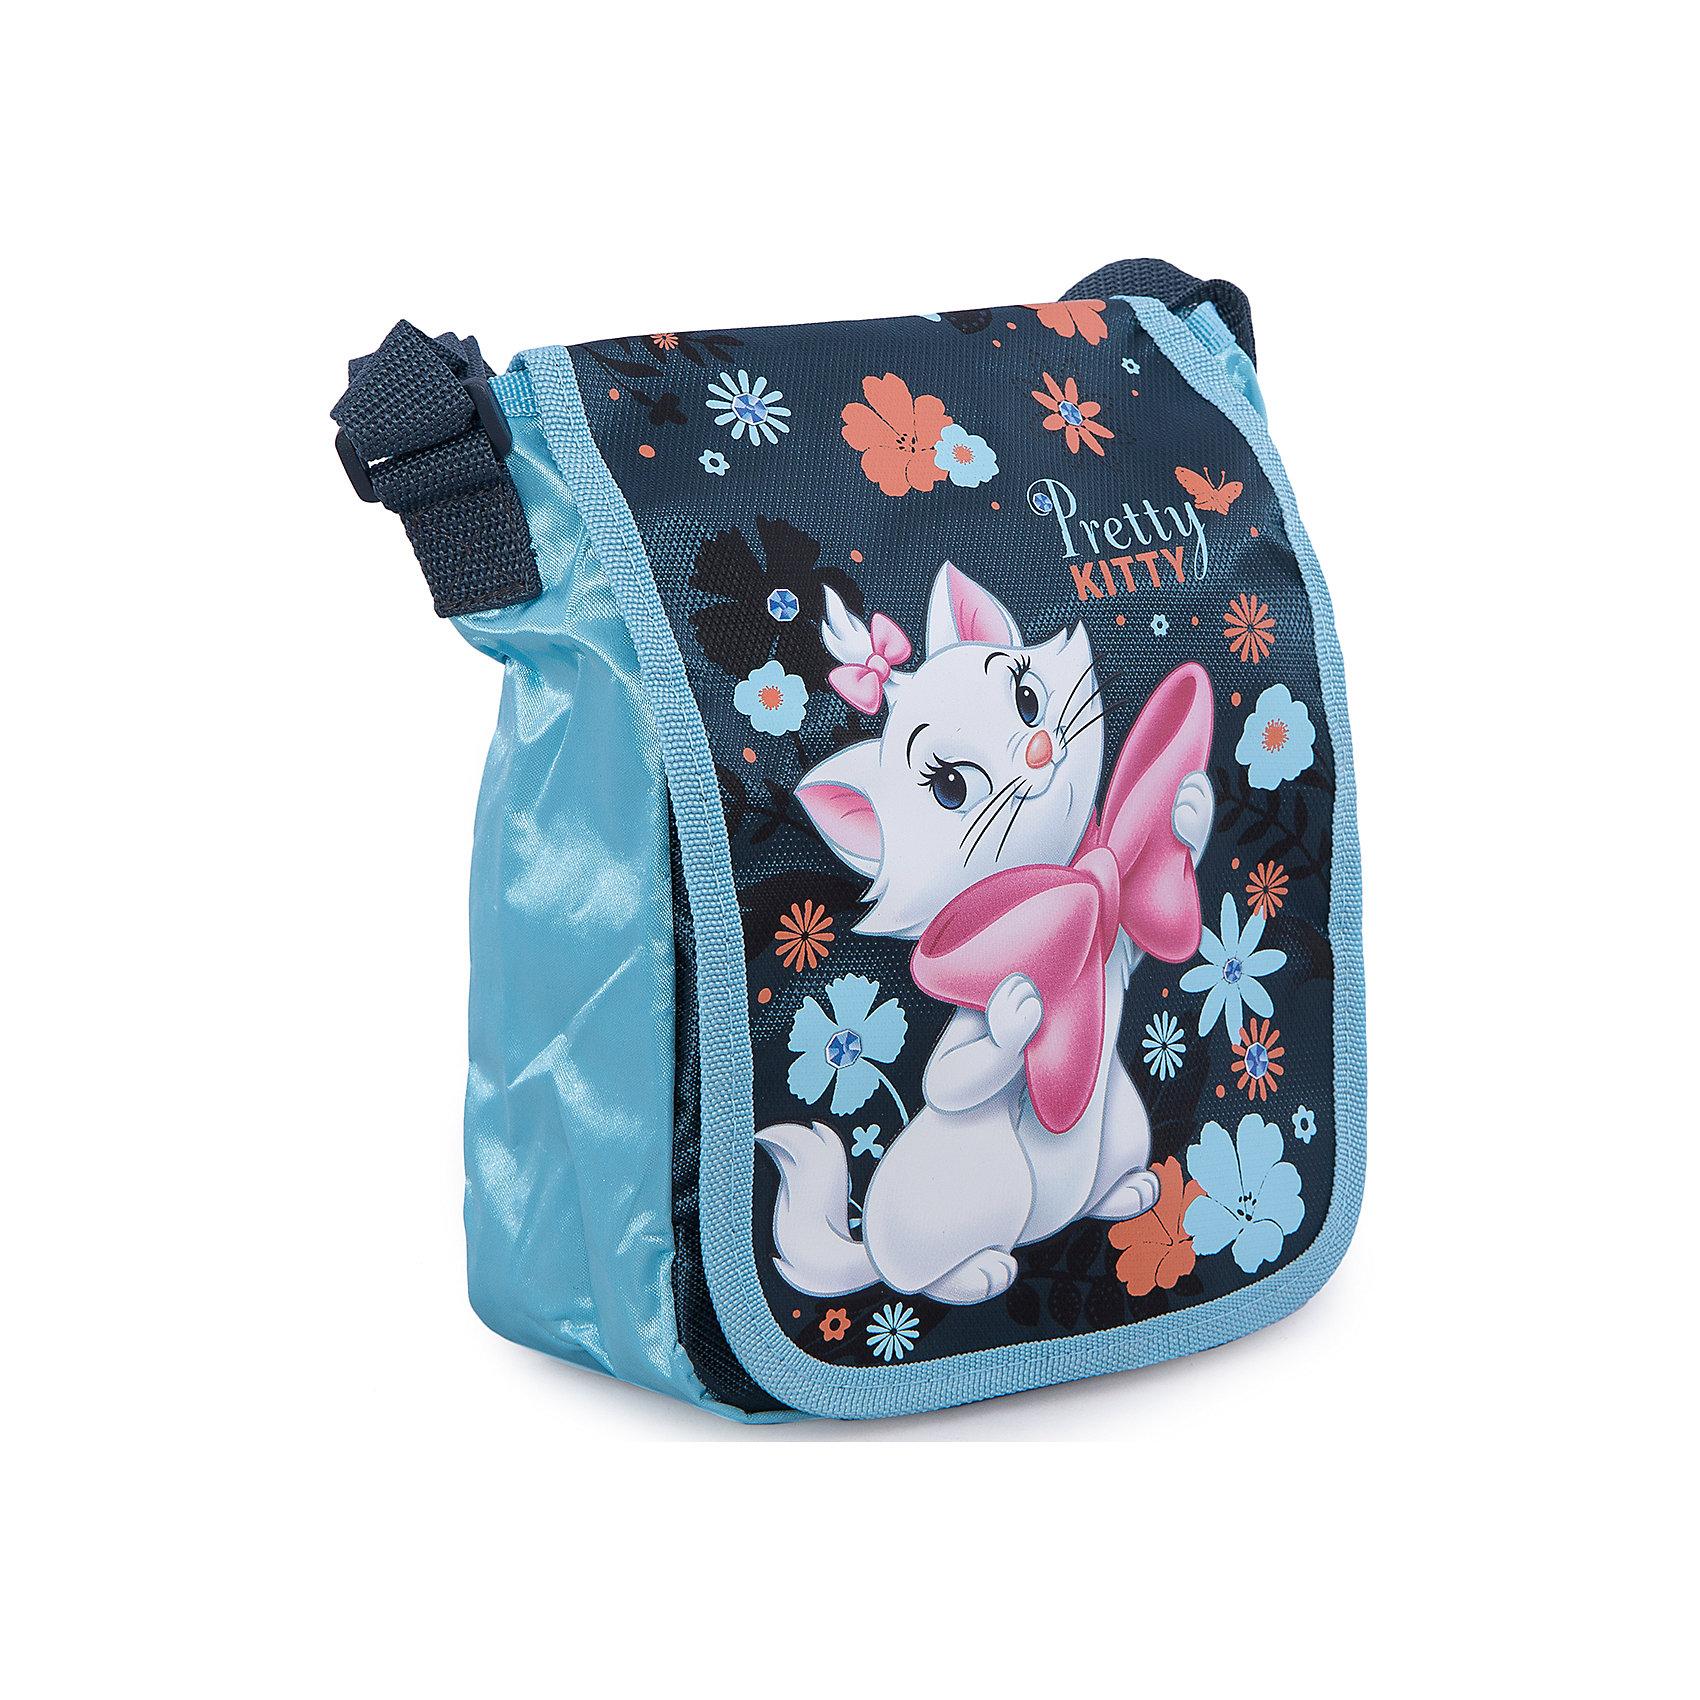 Сумка Кошка Мари, Коты-АристократыСумка Marie Cat (кошка Мари) нежной сине-голубой расцветки идеально подойдет как для дошкольниц, так и для девочек постарше, с ней удобно путешествовать и отправляться на длительные прогулки. В симпатичную сумку можно положить все самое необходимое, а носить ее очень удобно. Сумка оснащена плечевым регулируемым ремешком, имеется задний карман на молнии. Лицевая сторона украшена изображением очаровательной белой кошечки Мери, героини диснеевского мультфильма  Коты Аристократы.<br><br>Дополнительная информация:<br><br>- Материал: полиэстер.<br>- Размер: 22 х 17 х 8 см.<br>- Вес: 0,16 кг.<br><br>Сумку Marie Cat можно купить в нашем интернет-магазине.<br><br>Ширина мм: 120<br>Глубина мм: 170<br>Высота мм: 50<br>Вес г: 160<br>Возраст от месяцев: 96<br>Возраст до месяцев: 108<br>Пол: Женский<br>Возраст: Детский<br>SKU: 3563139